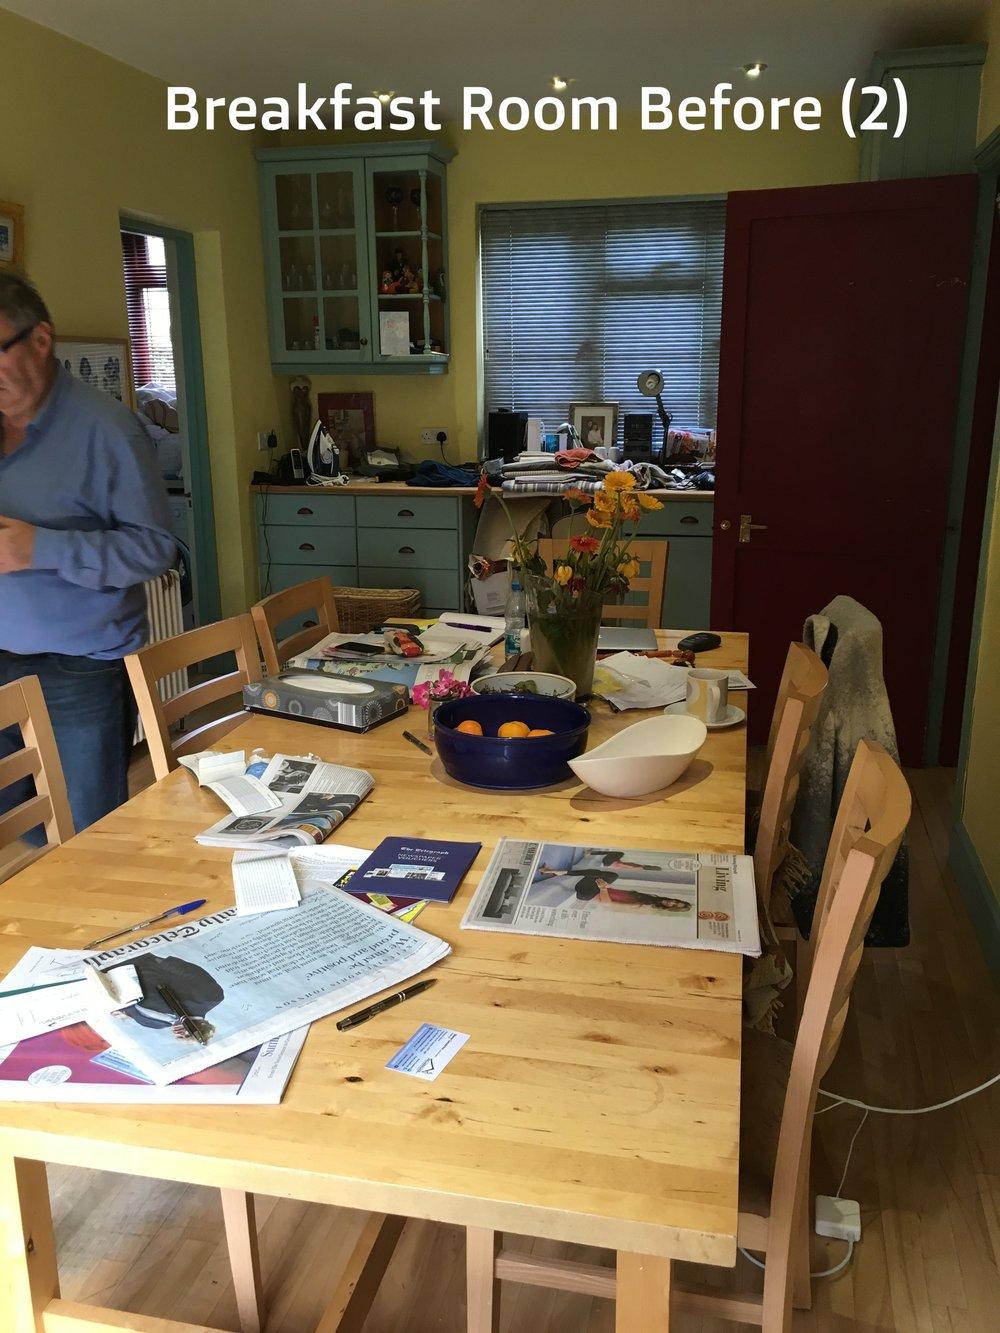 Breakfast Room Before (2).jpg